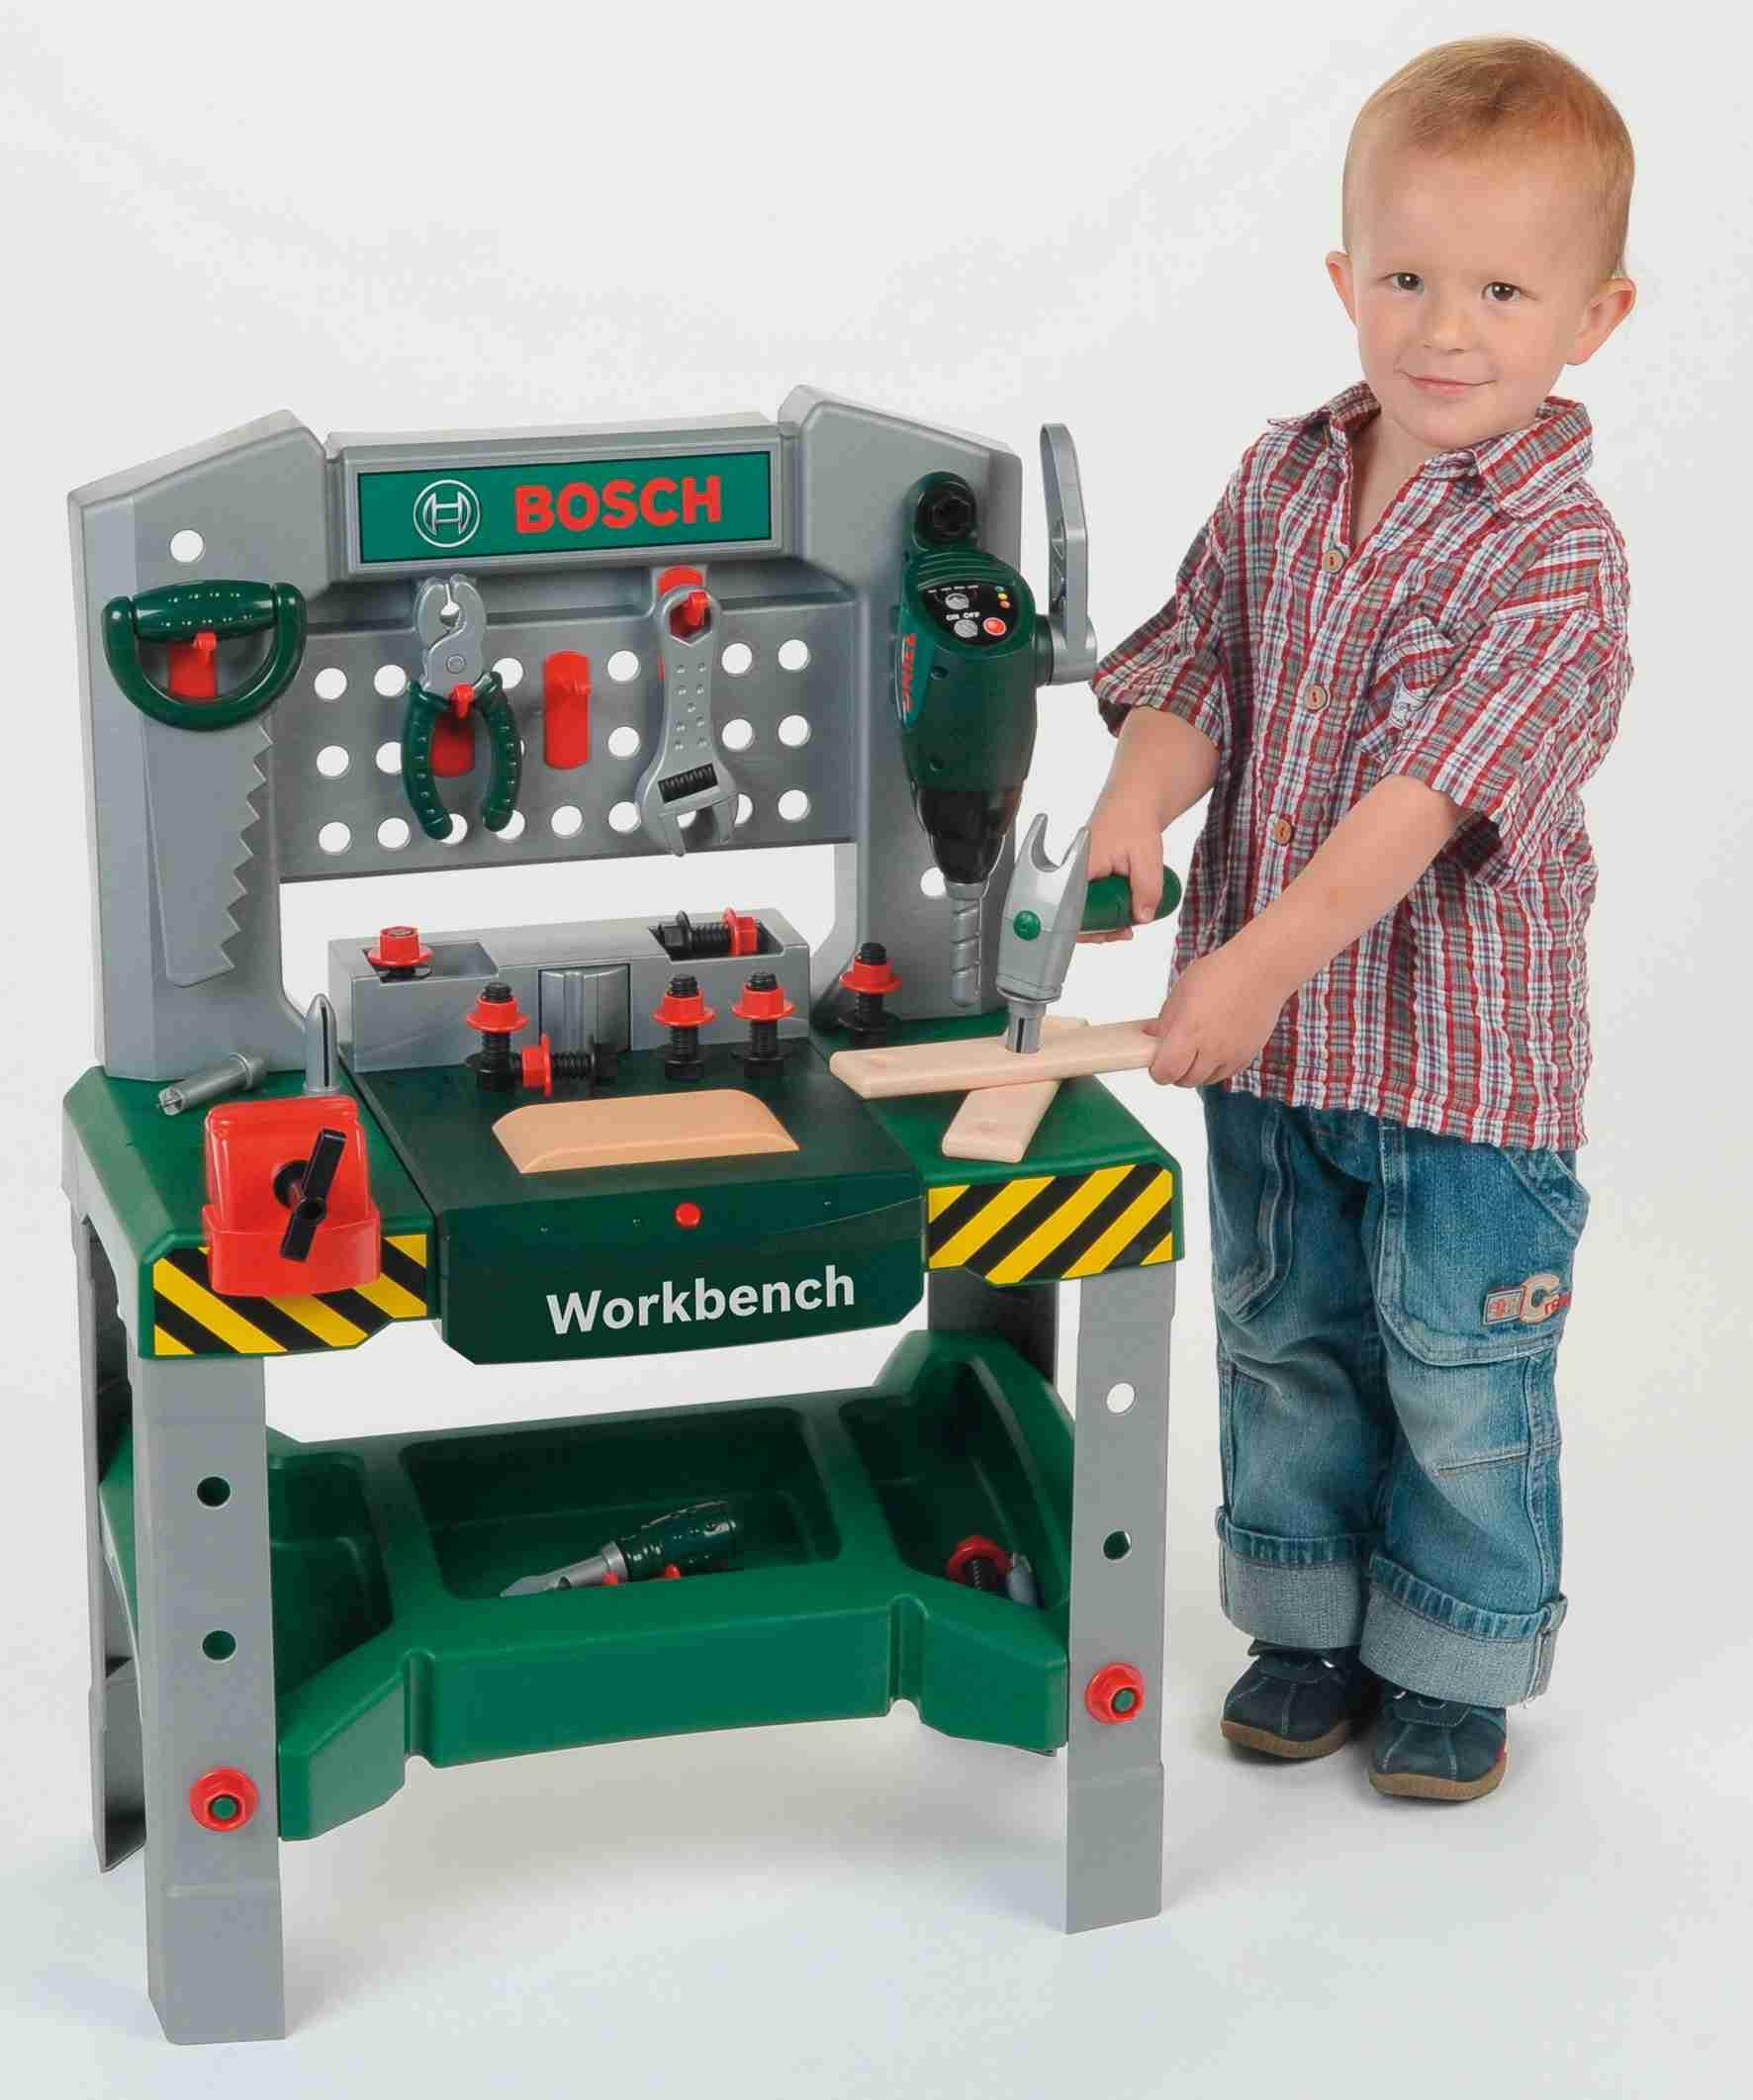 Kind spielt mit Werkbank für Kinder